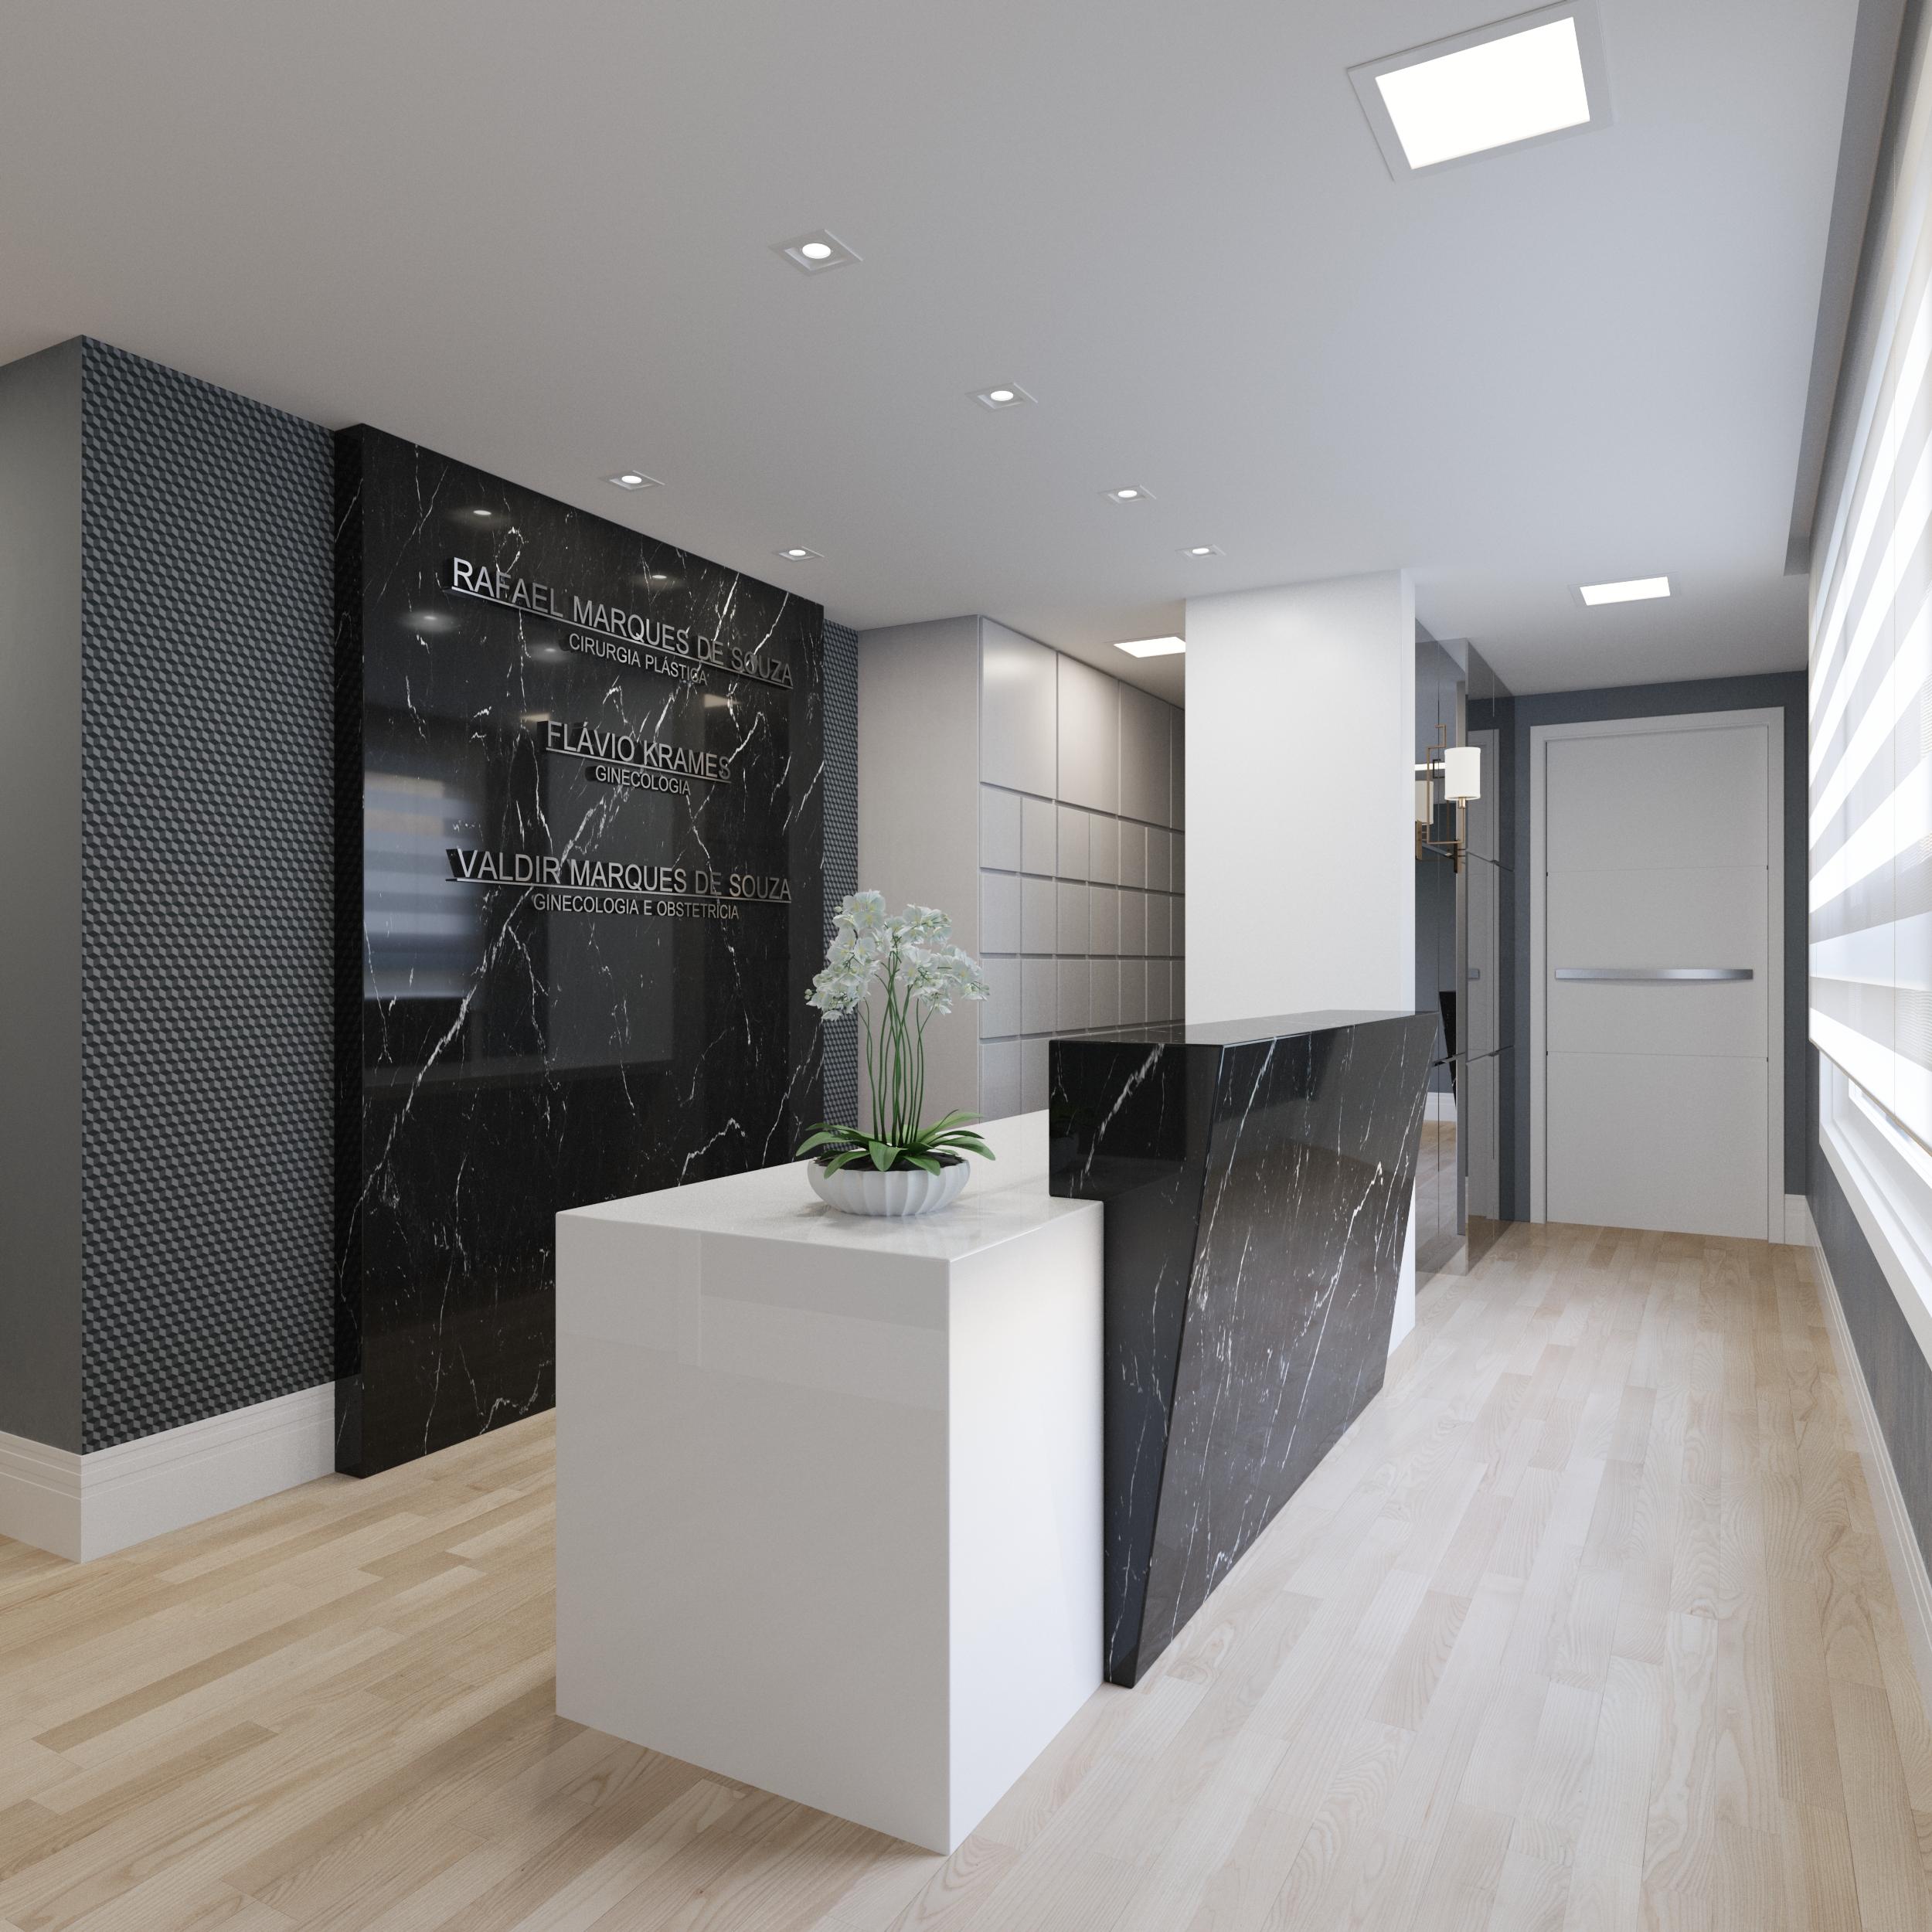 Detalles Arquitetura - Novo hamburgo/RS